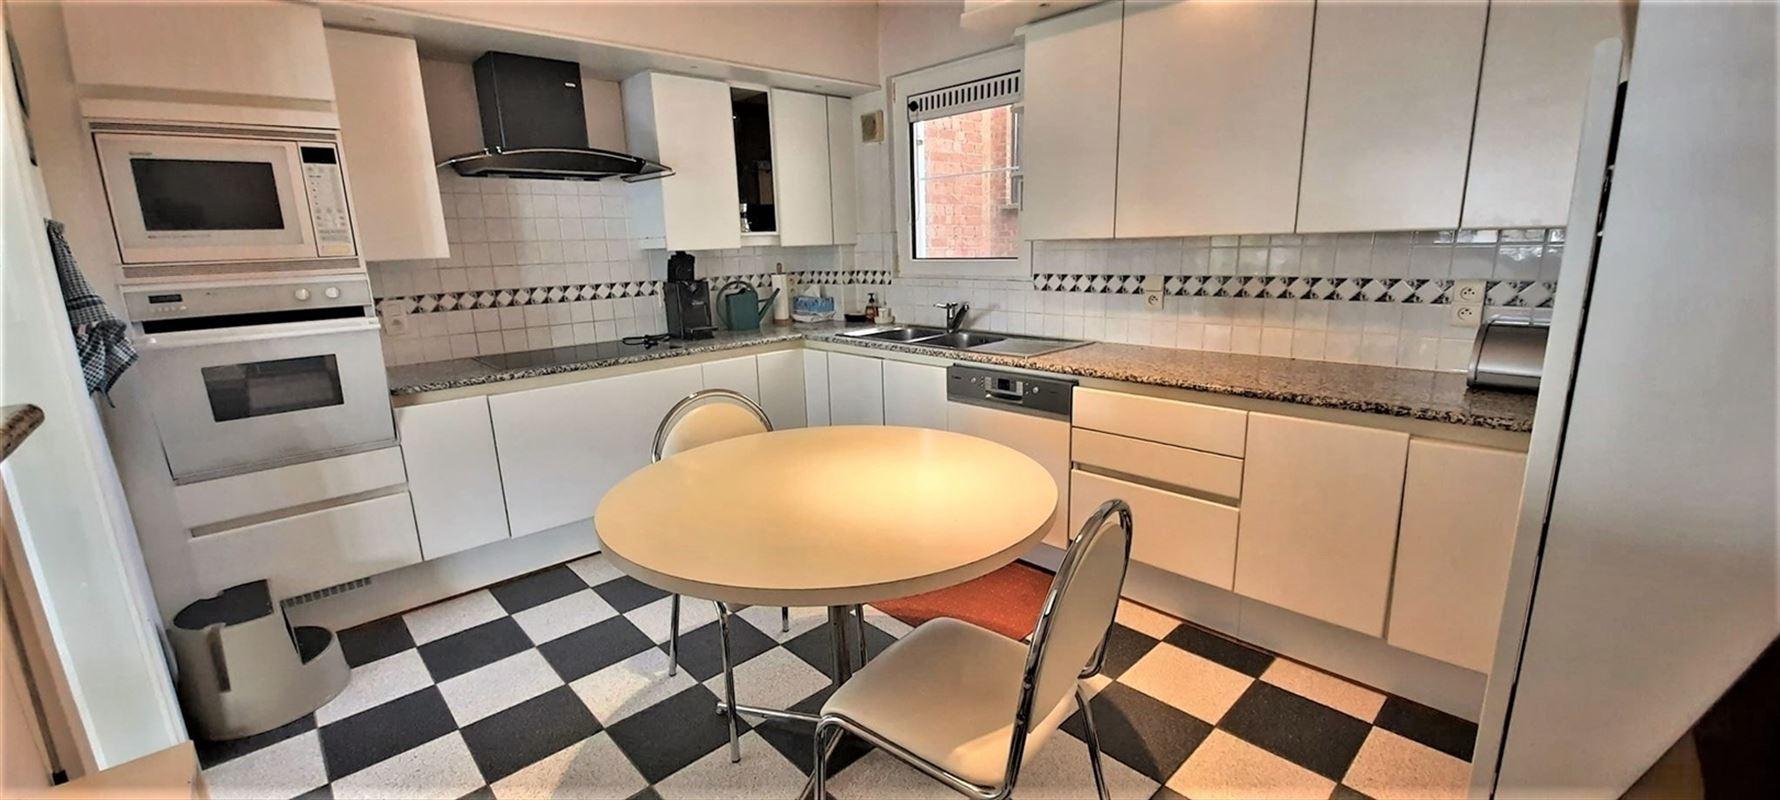 Foto 7 : Appartement te 2800 MECHELEN (België) - Prijs € 1.050